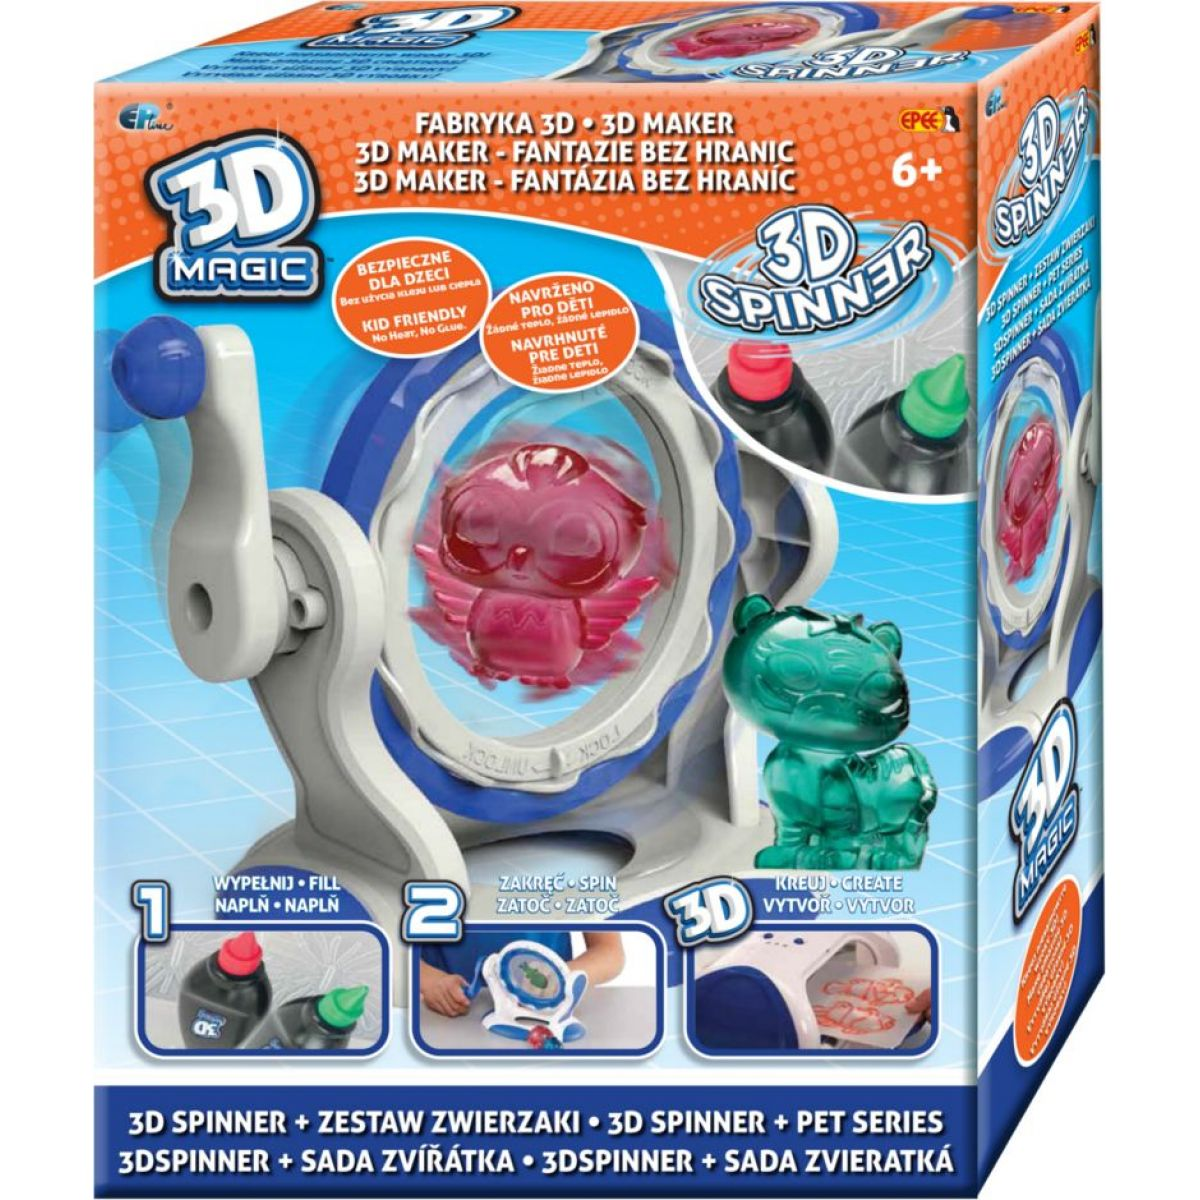 EPline 3D Magic spinner